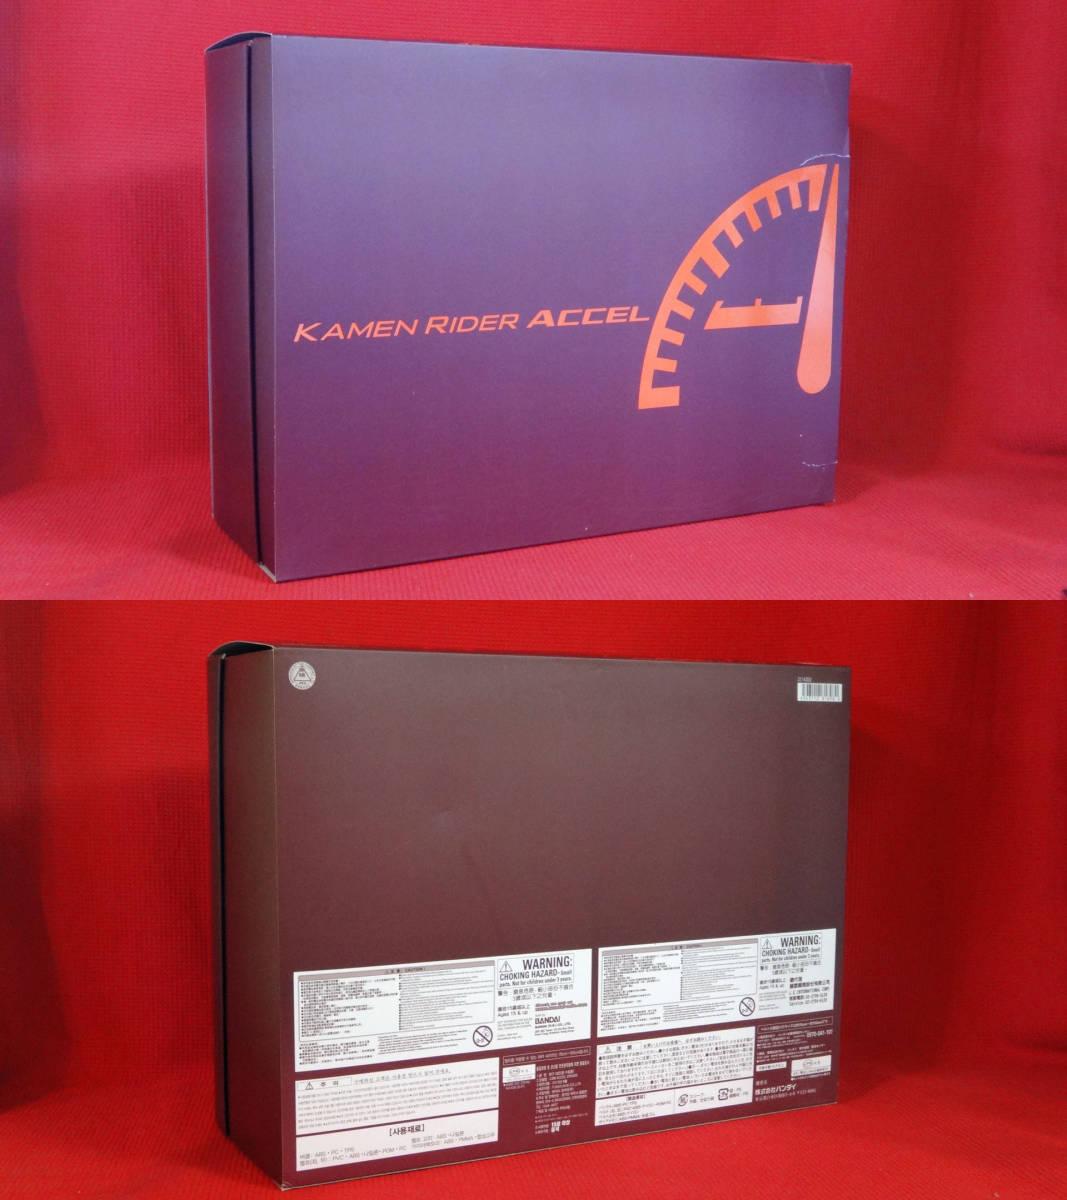 プレミアムバンダイ限定品 CSM/コンプリートセレクションモディフィケーション アクセルドライバー&トライアルメモリ/エンジンブレード_画像3